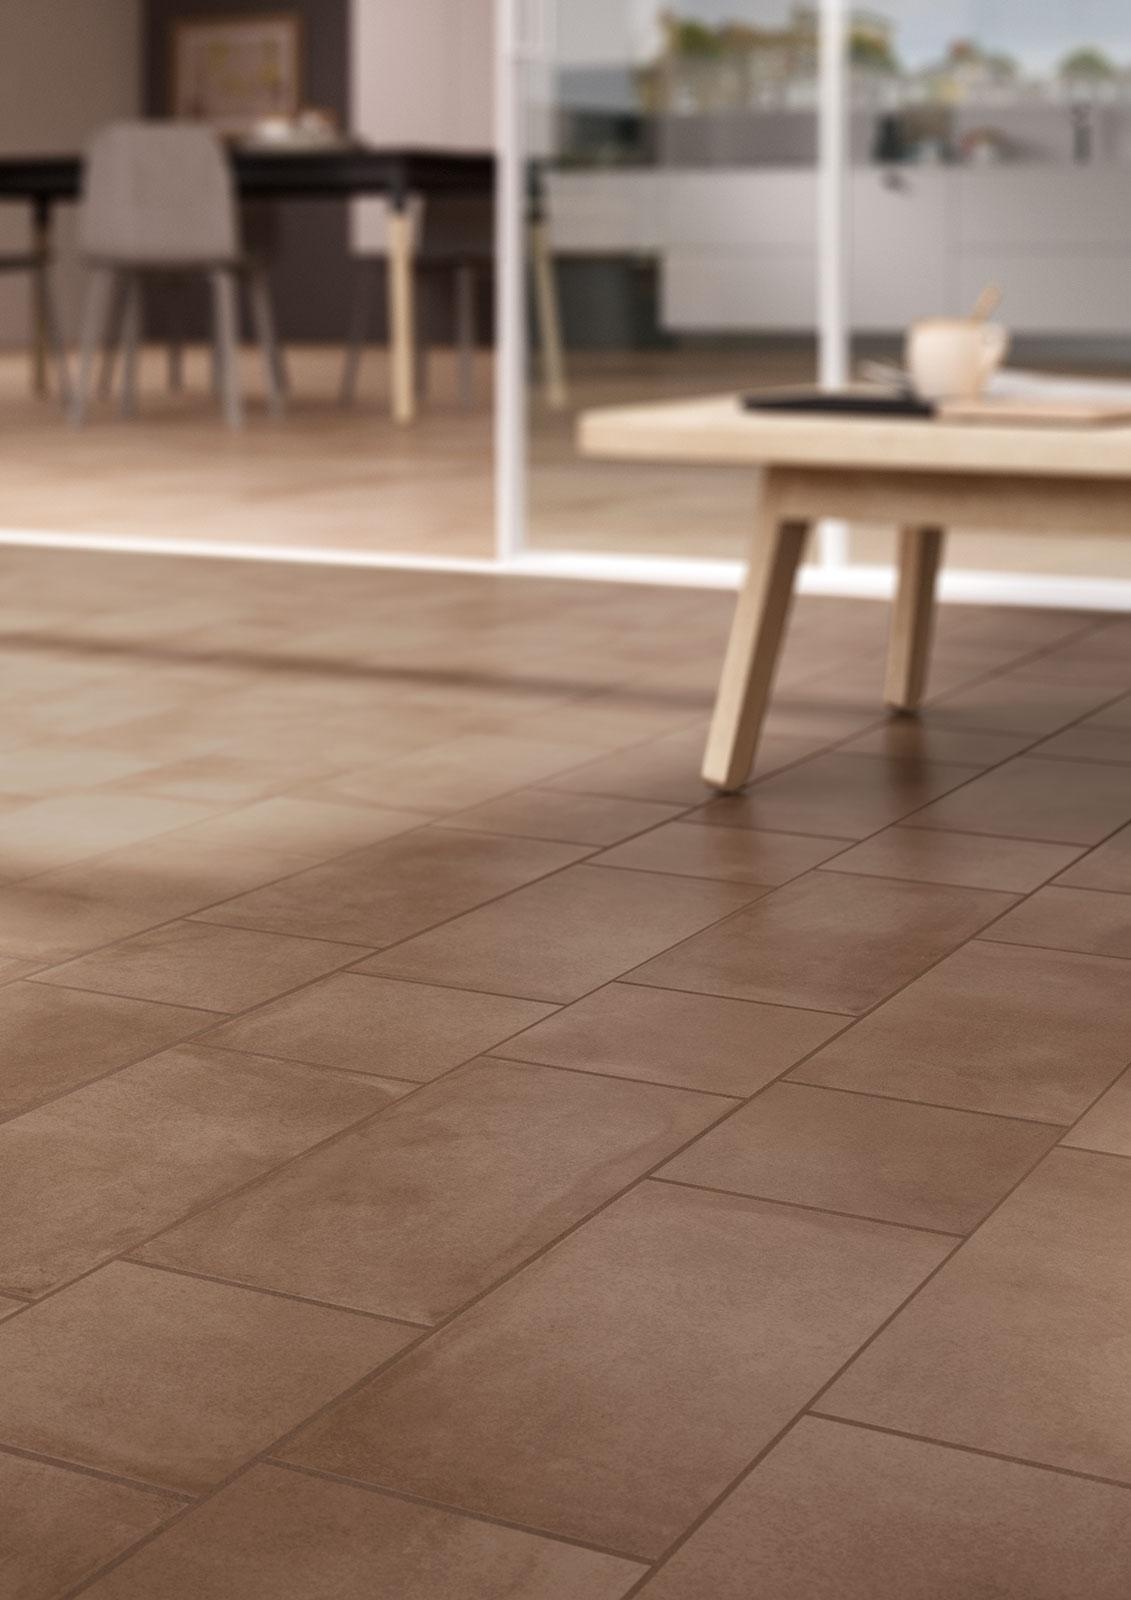 Pavimenti per esterni piastrelle gres porcellanato marazzi - Rimuovere cemento da piastrelle ...